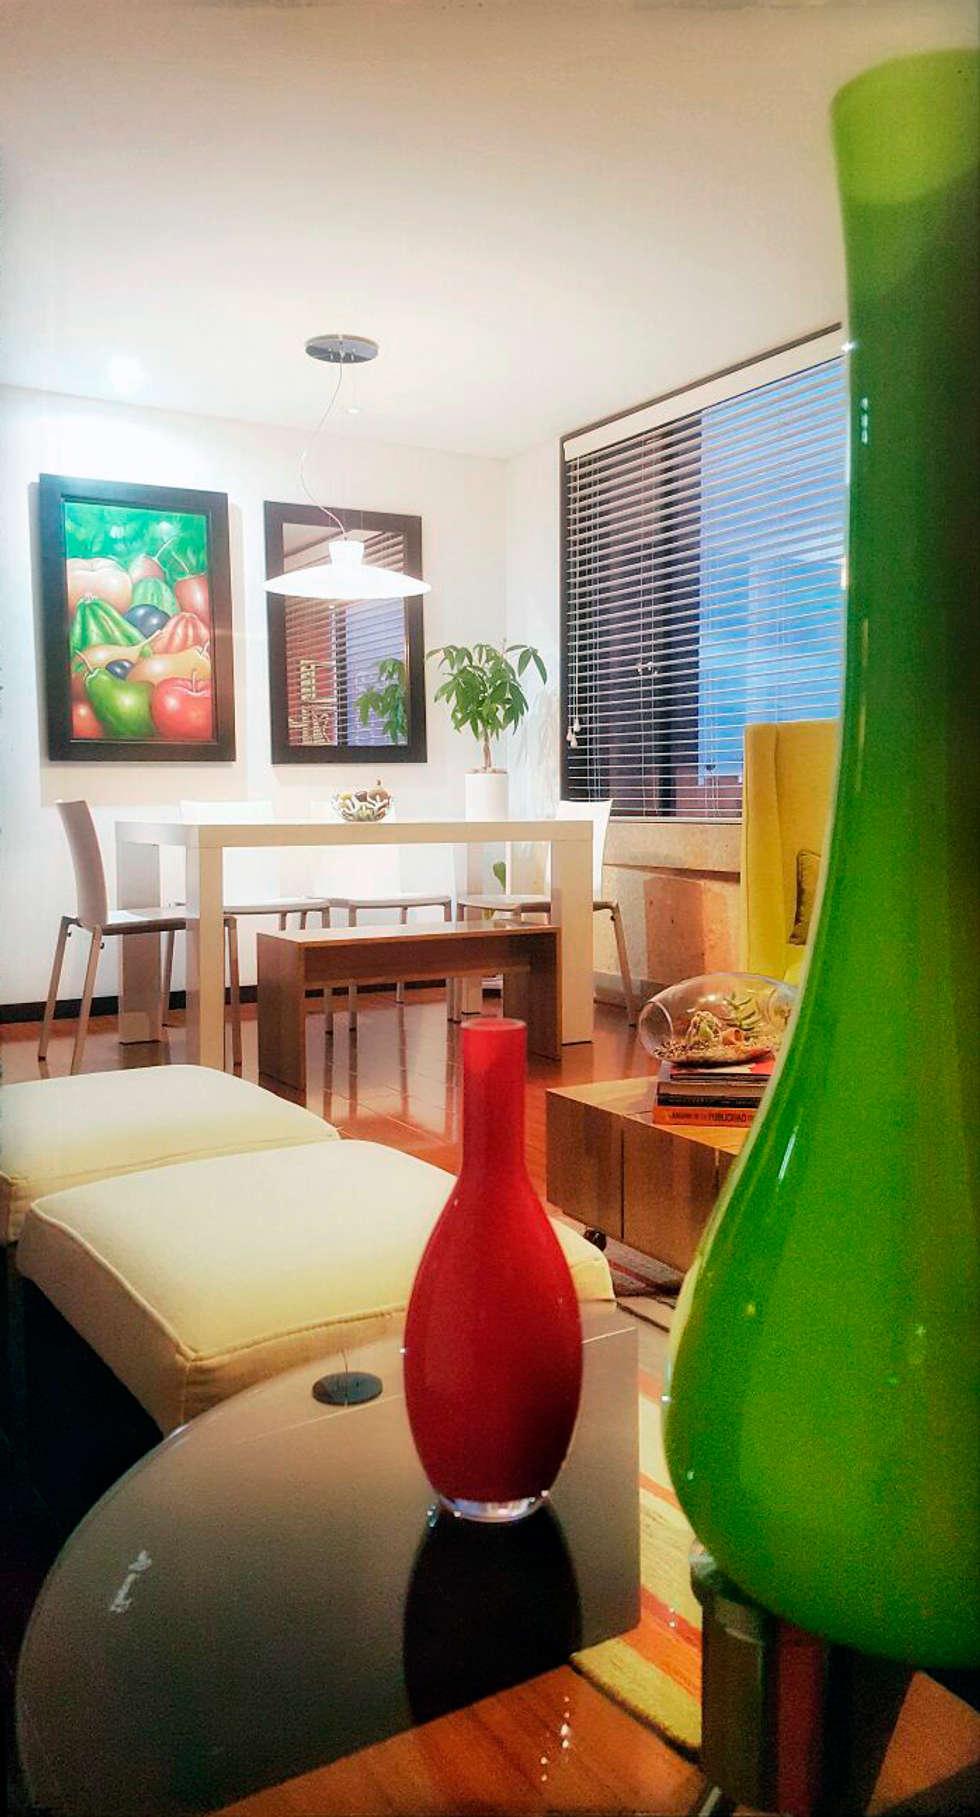 sala comedor: Comedores de estilo moderno por Omar Plazas Empresa de  Diseño Interior, remodelacion, Cocinas integrales, Decoración